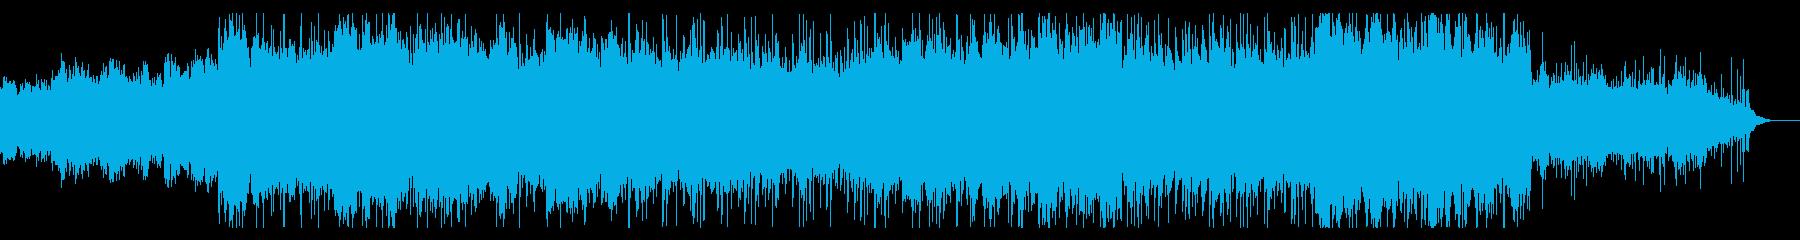 荘厳なインダストリアルの再生済みの波形